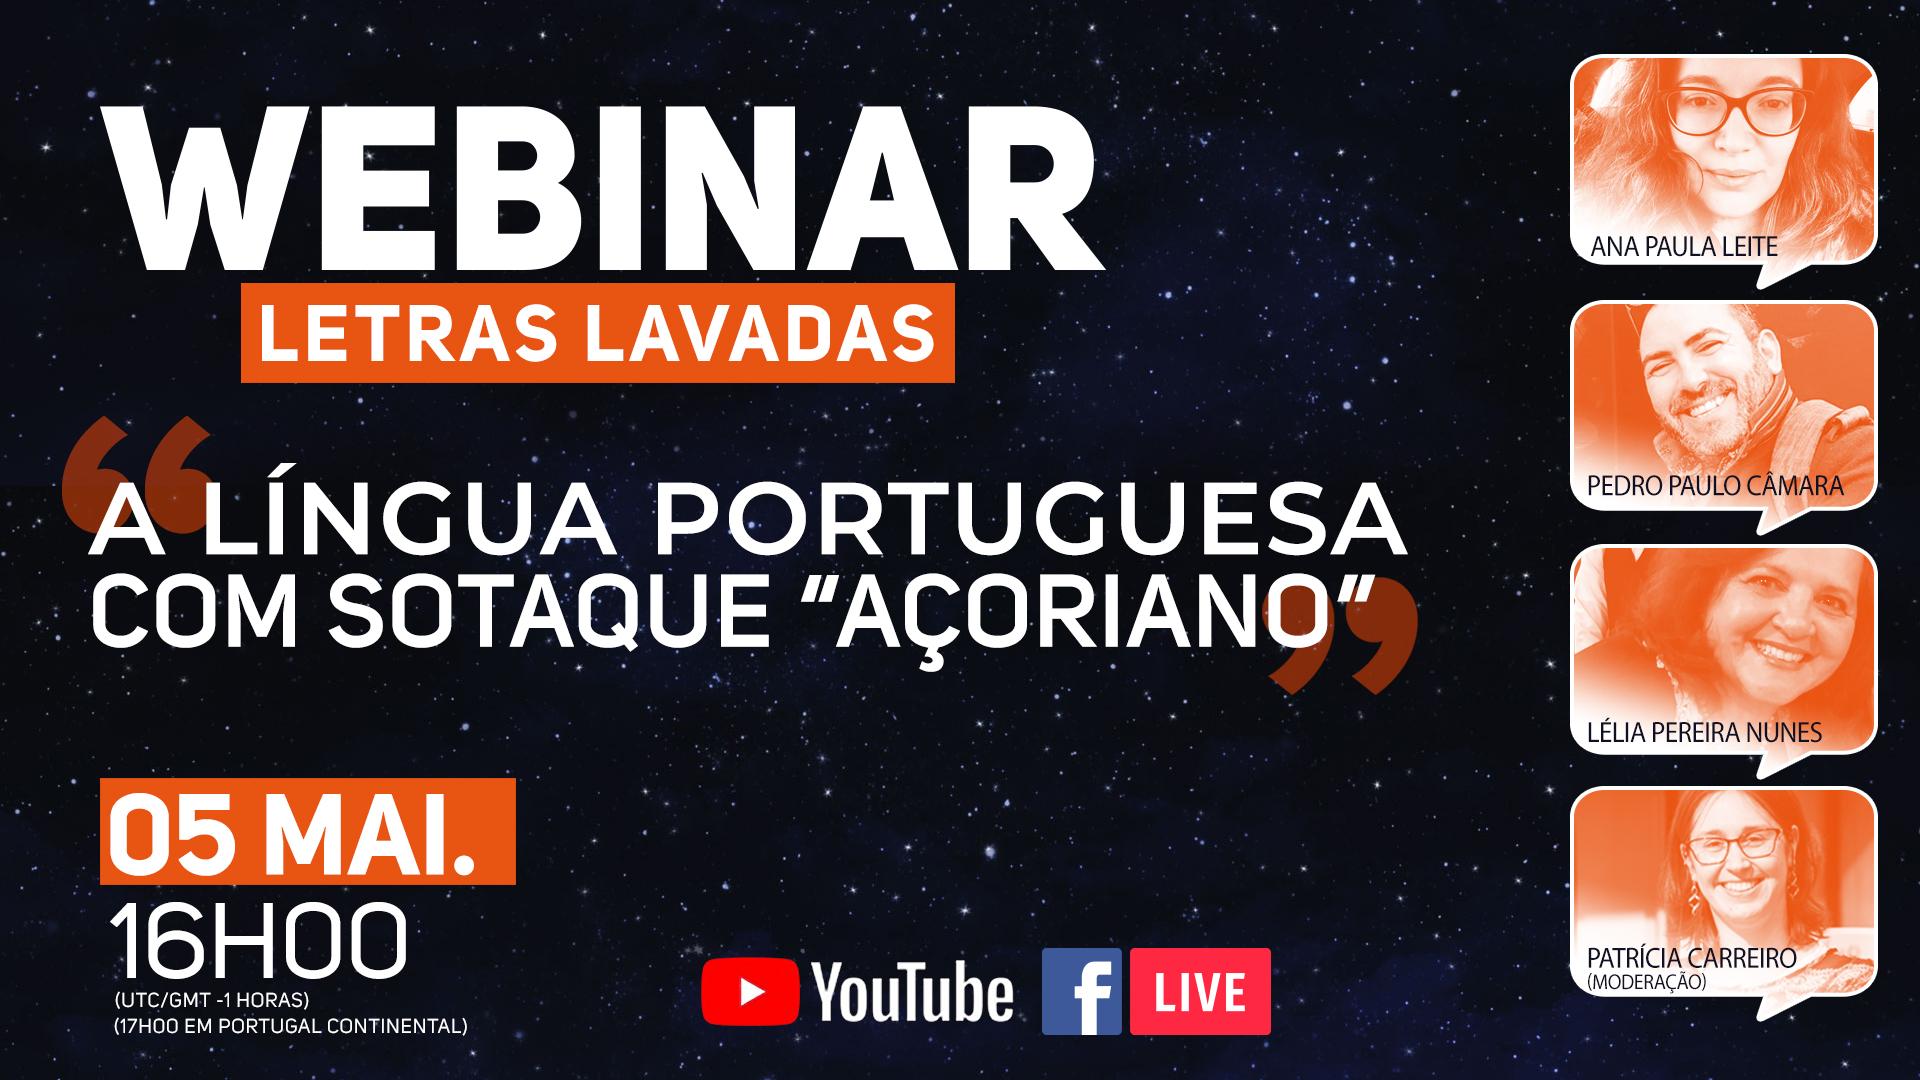 Webinar A Língua Portuguesa com sotaque 'açoriano'